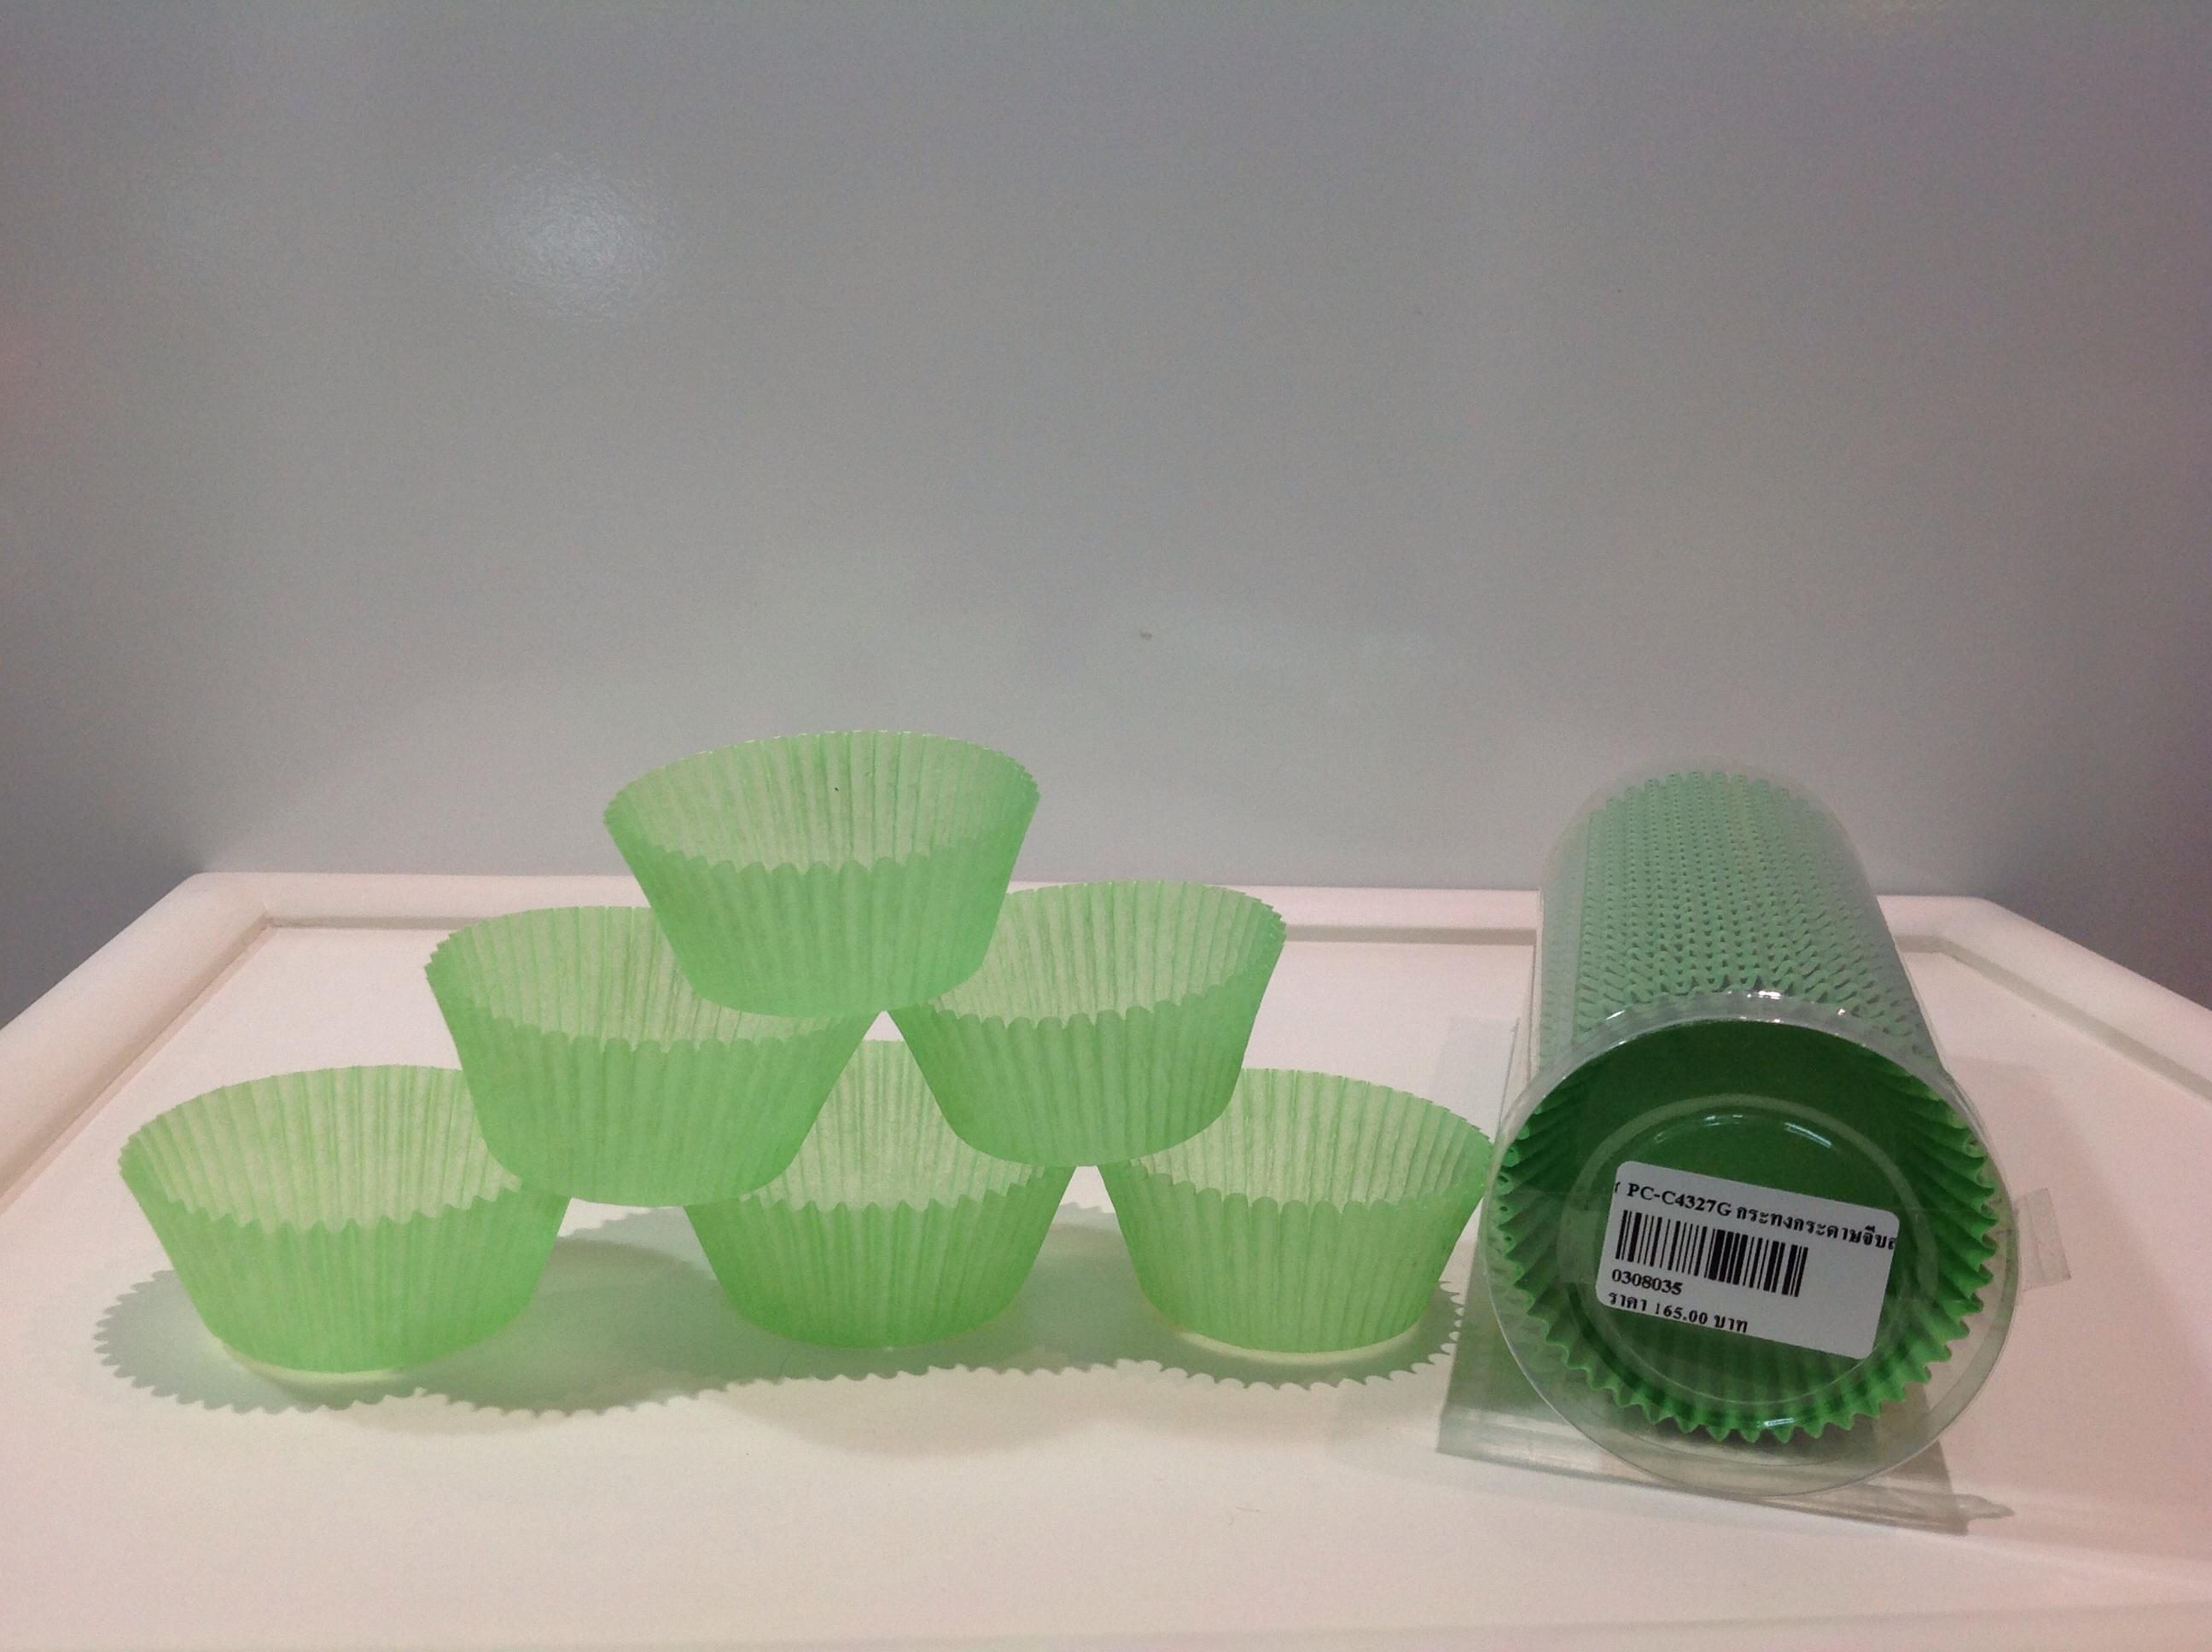 PC-C4327G กระทงกระดาษจีบสีเขียว